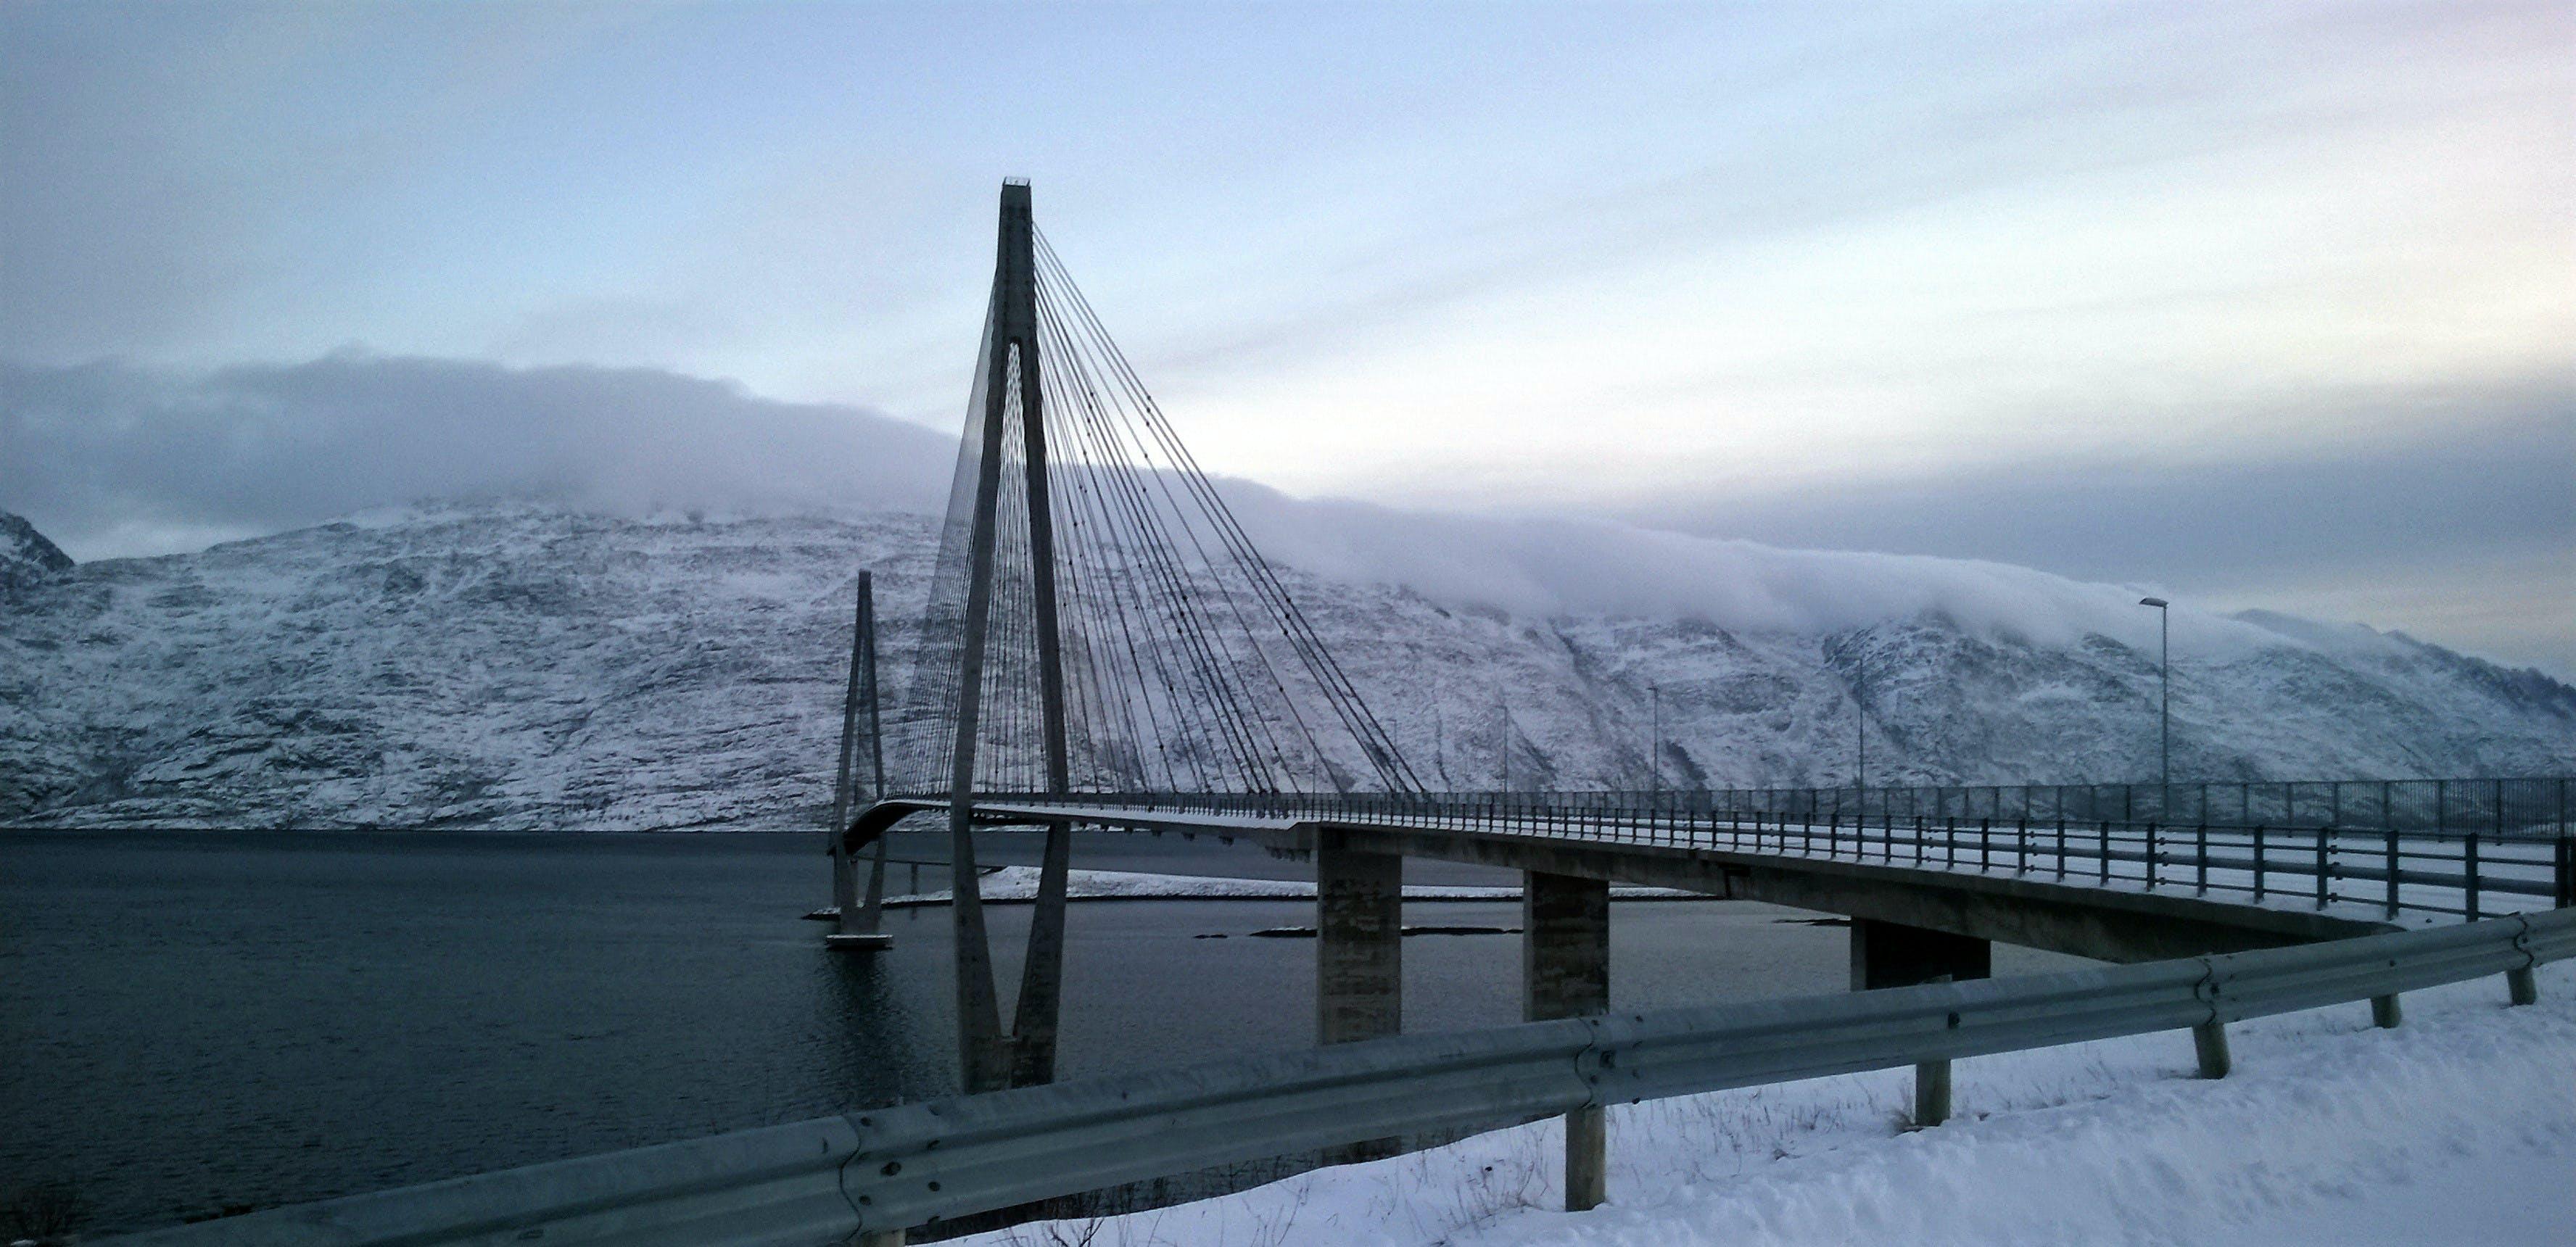 건축, 겨울, 겨울 풍경, 경치의 무료 스톡 사진